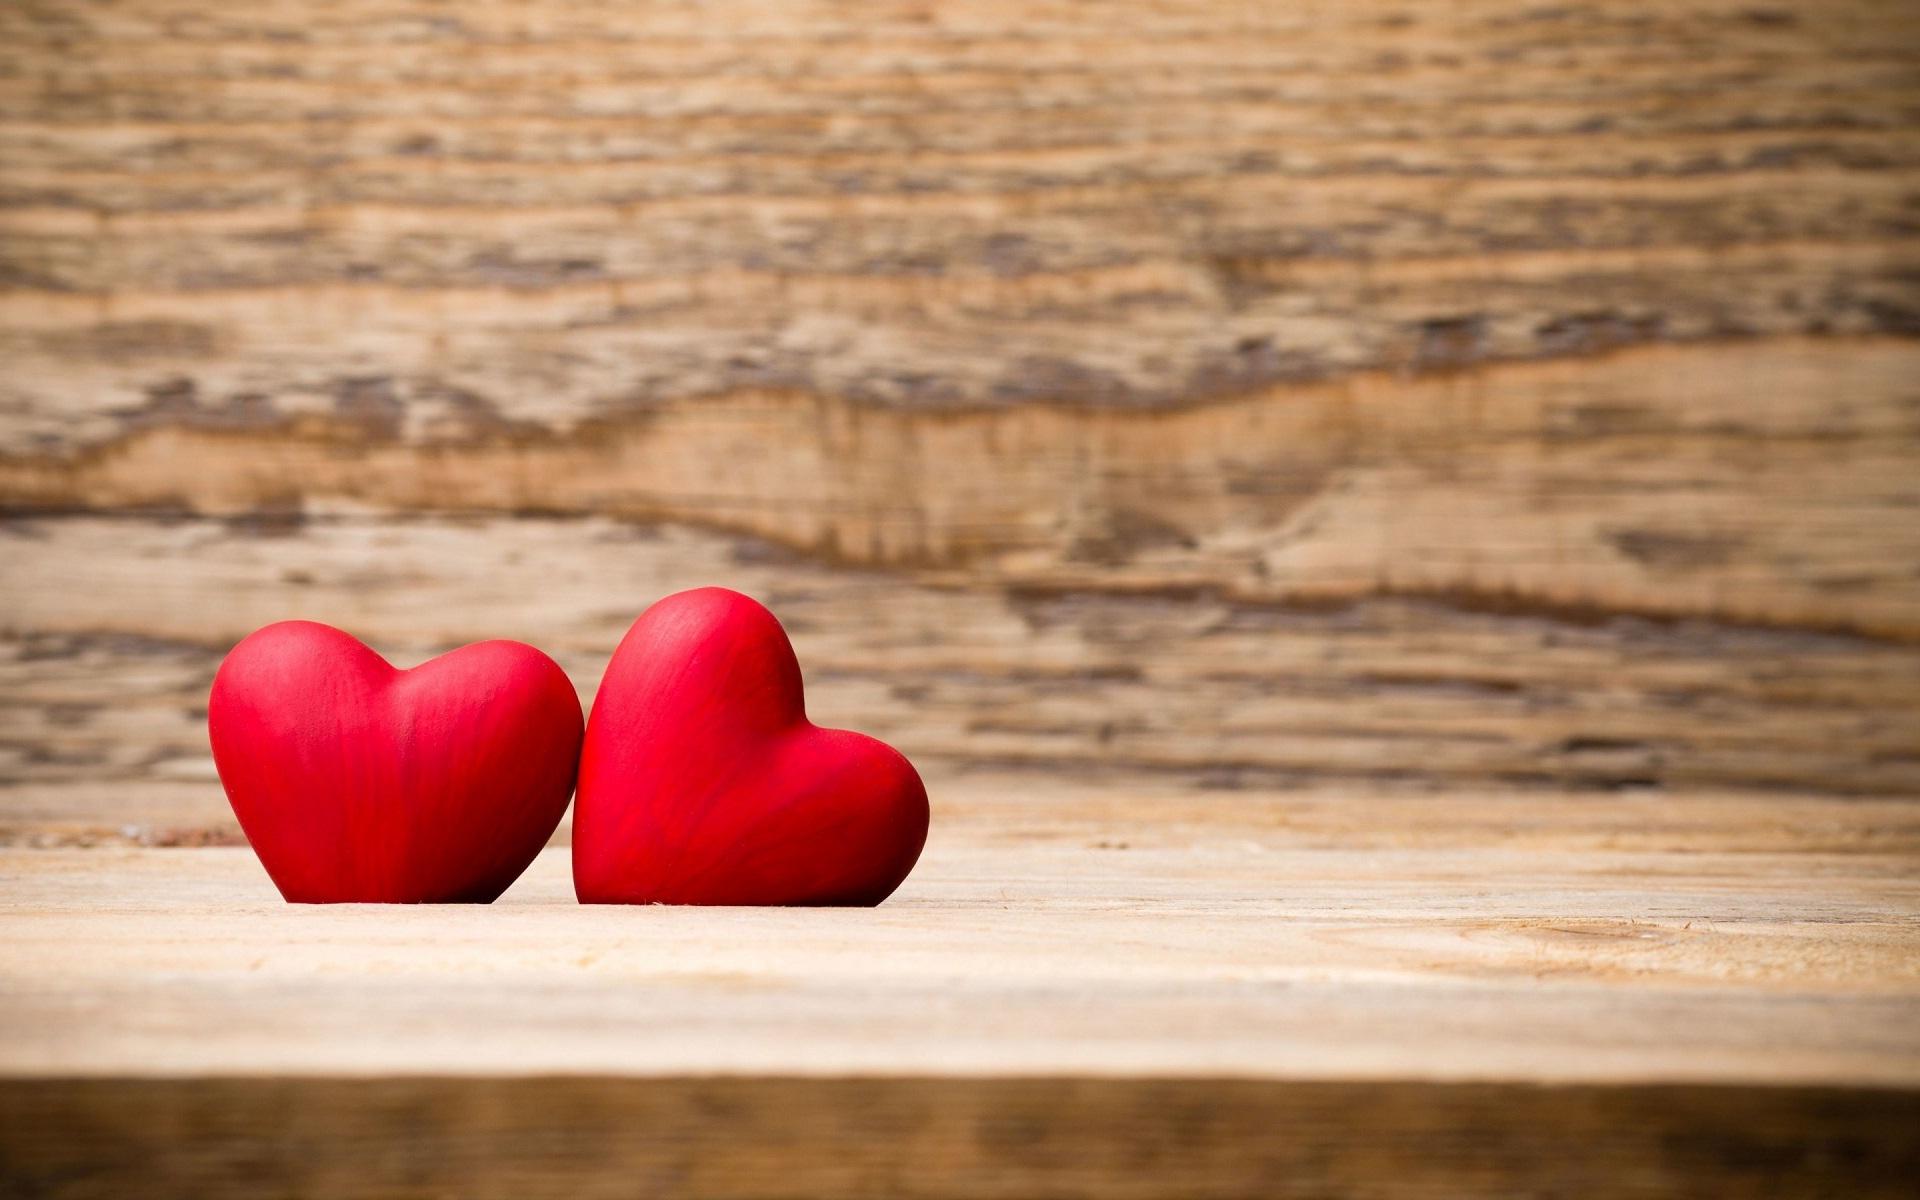 Cool love images download pixelstalk net - Cool love images ...